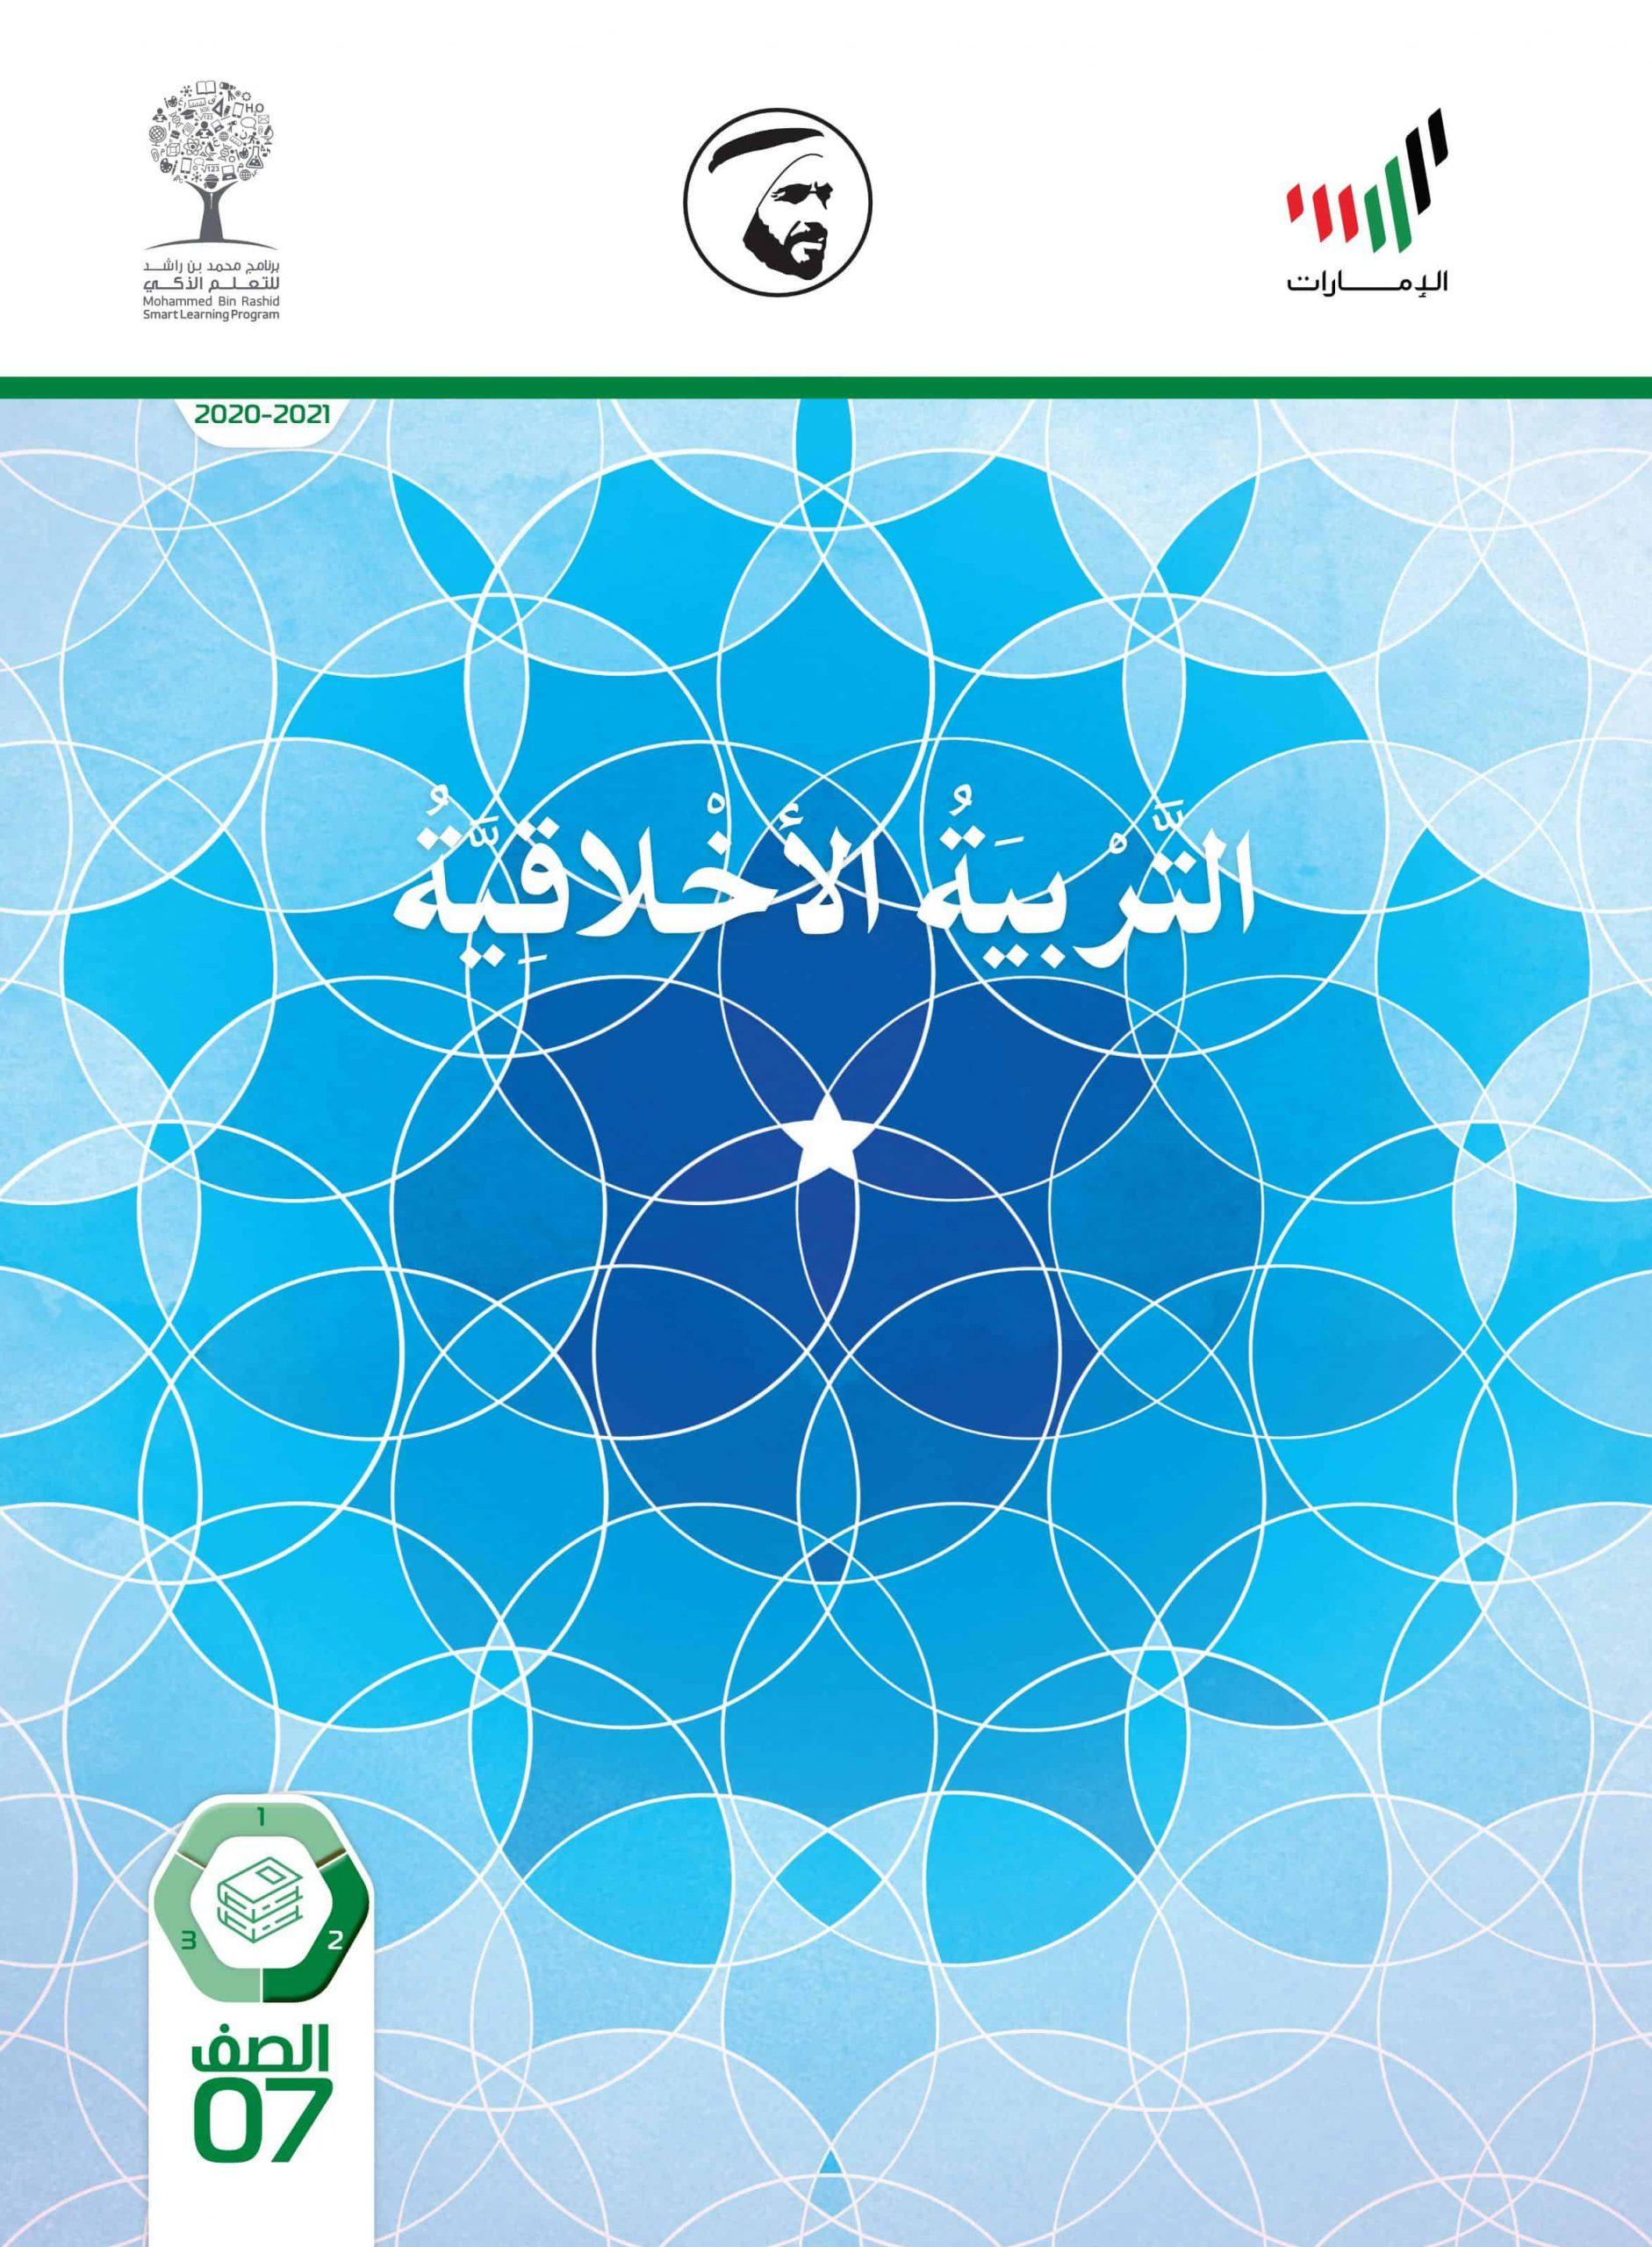 كتاب الطالب الفصل الدراسي الثاني 2020-2021 الصف السابع مادة التربية الاخلاقية